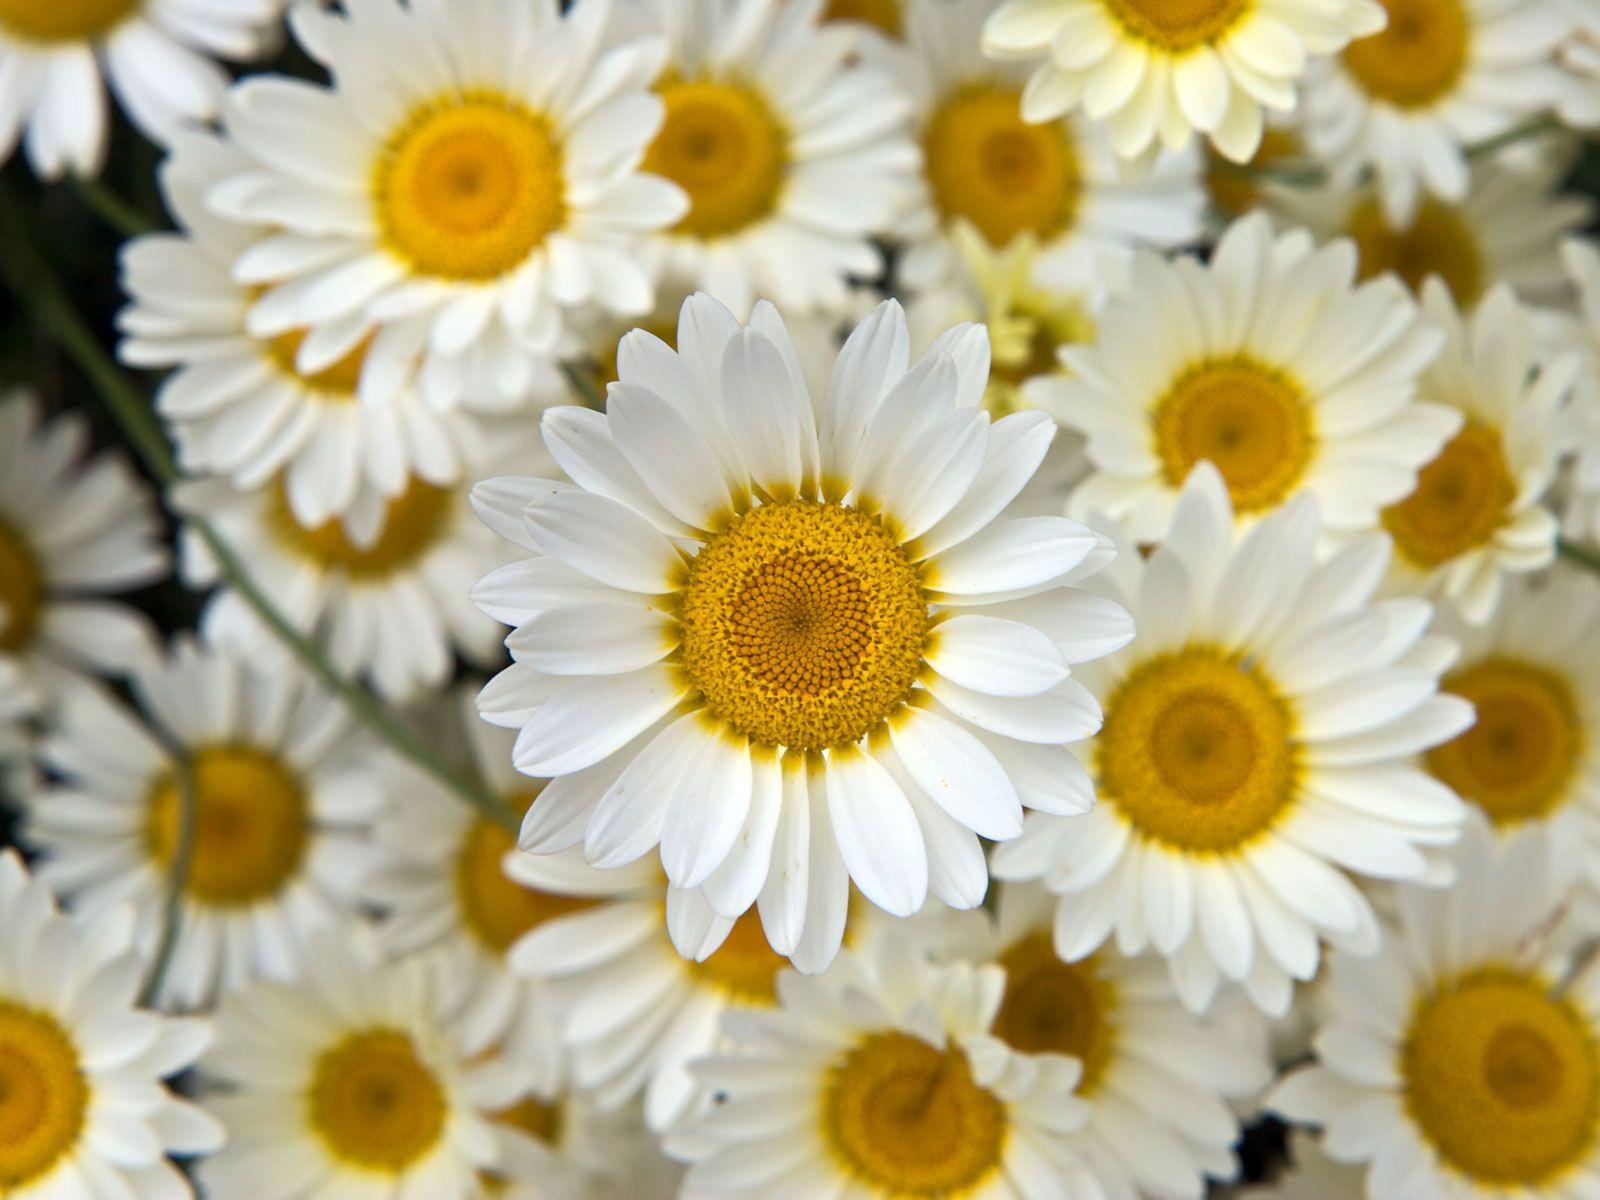 tumblr Flower Background tumblr wallpaper, wallpaper